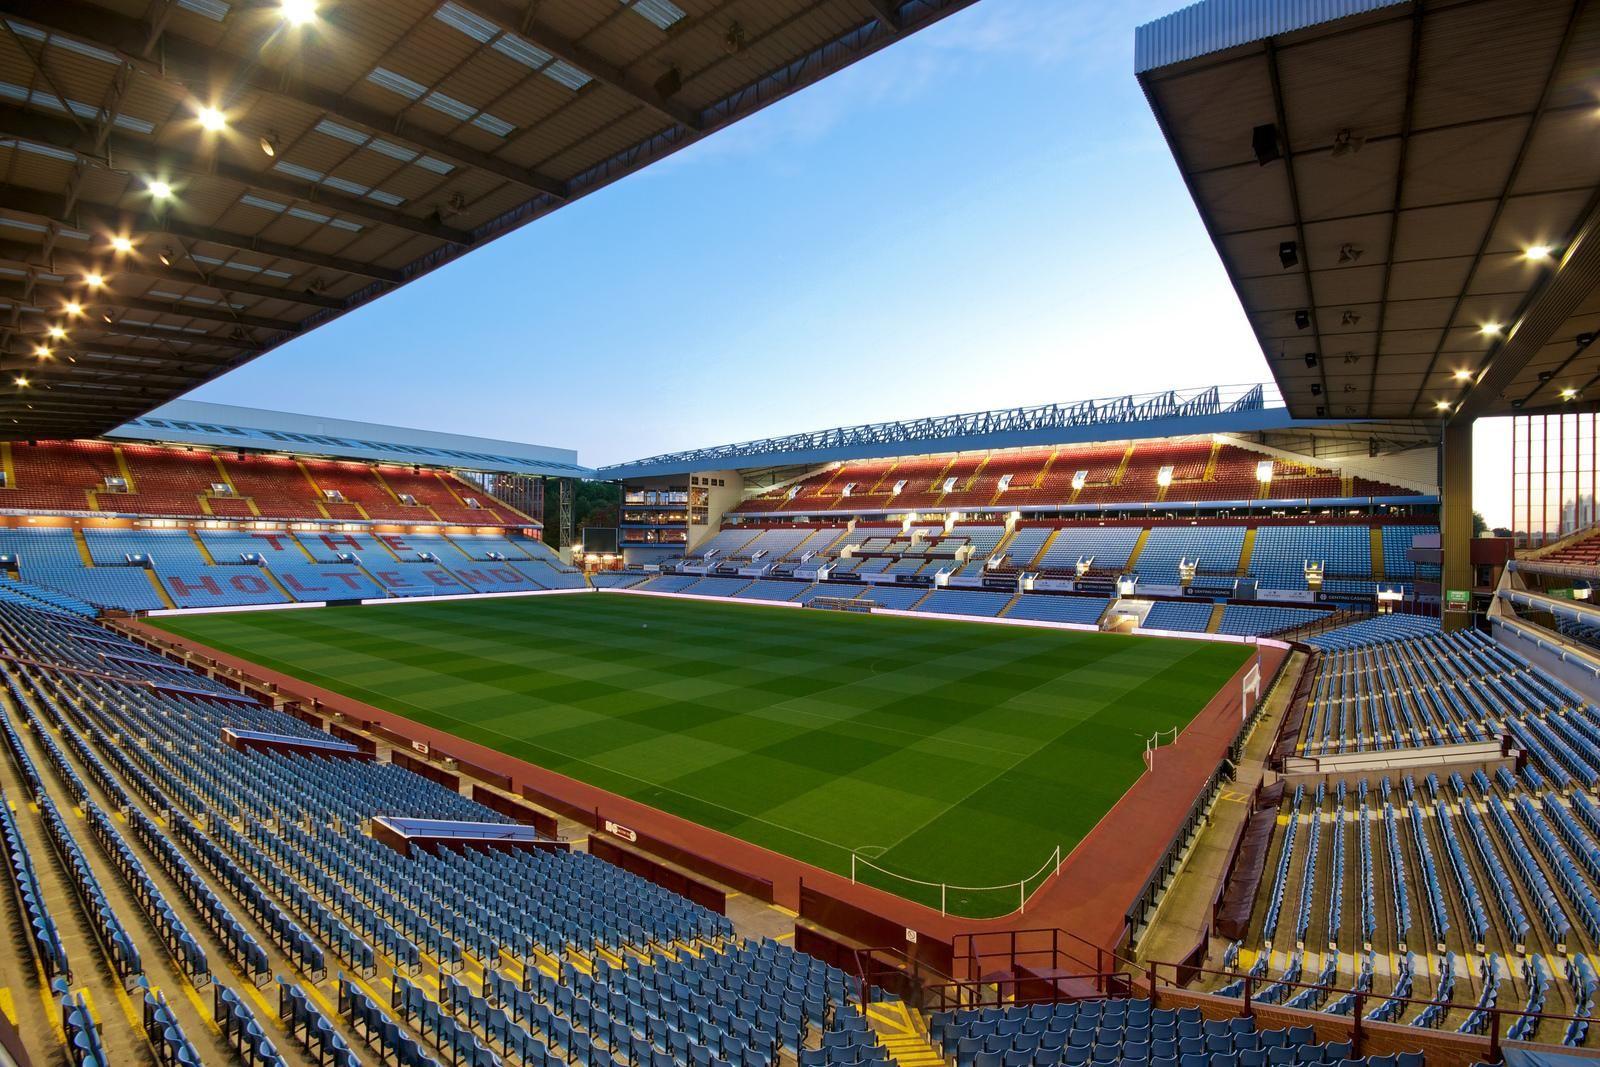 Villa Park, Birmingham, Inglaterra. Capacidad 43.000